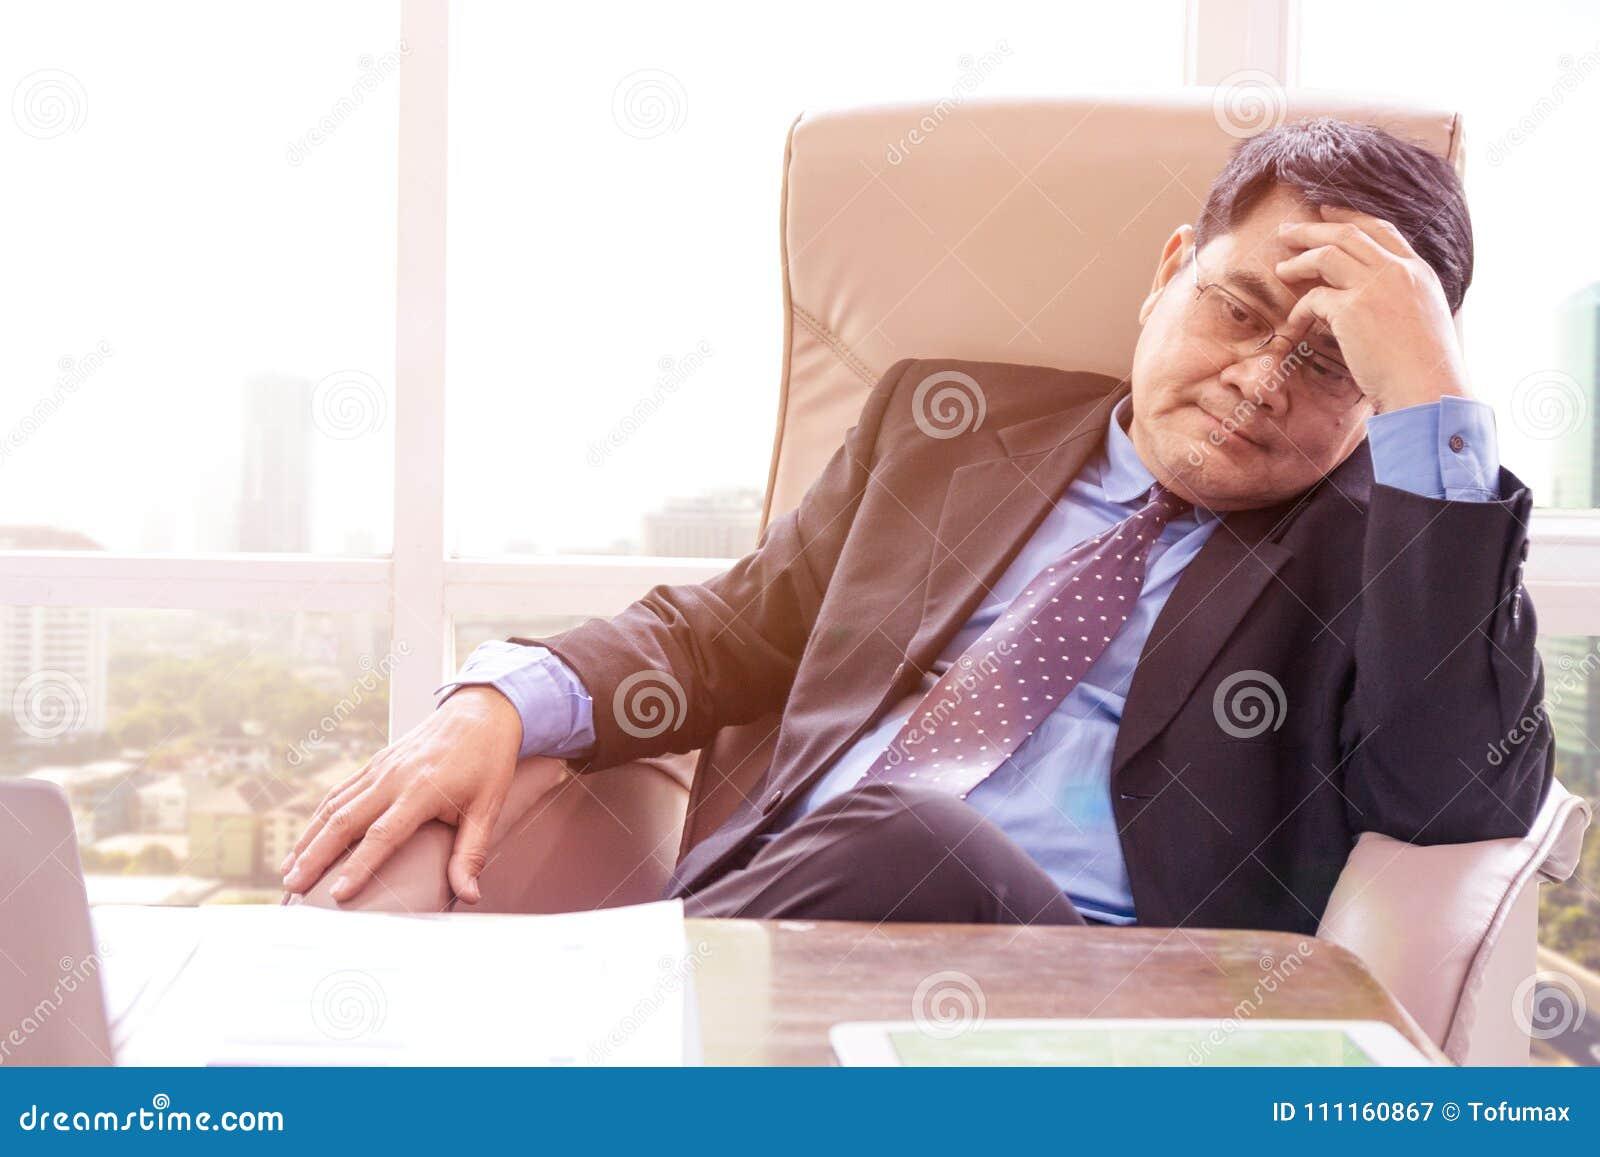 Eftertänksamt affärsmansammanträde i kontoret